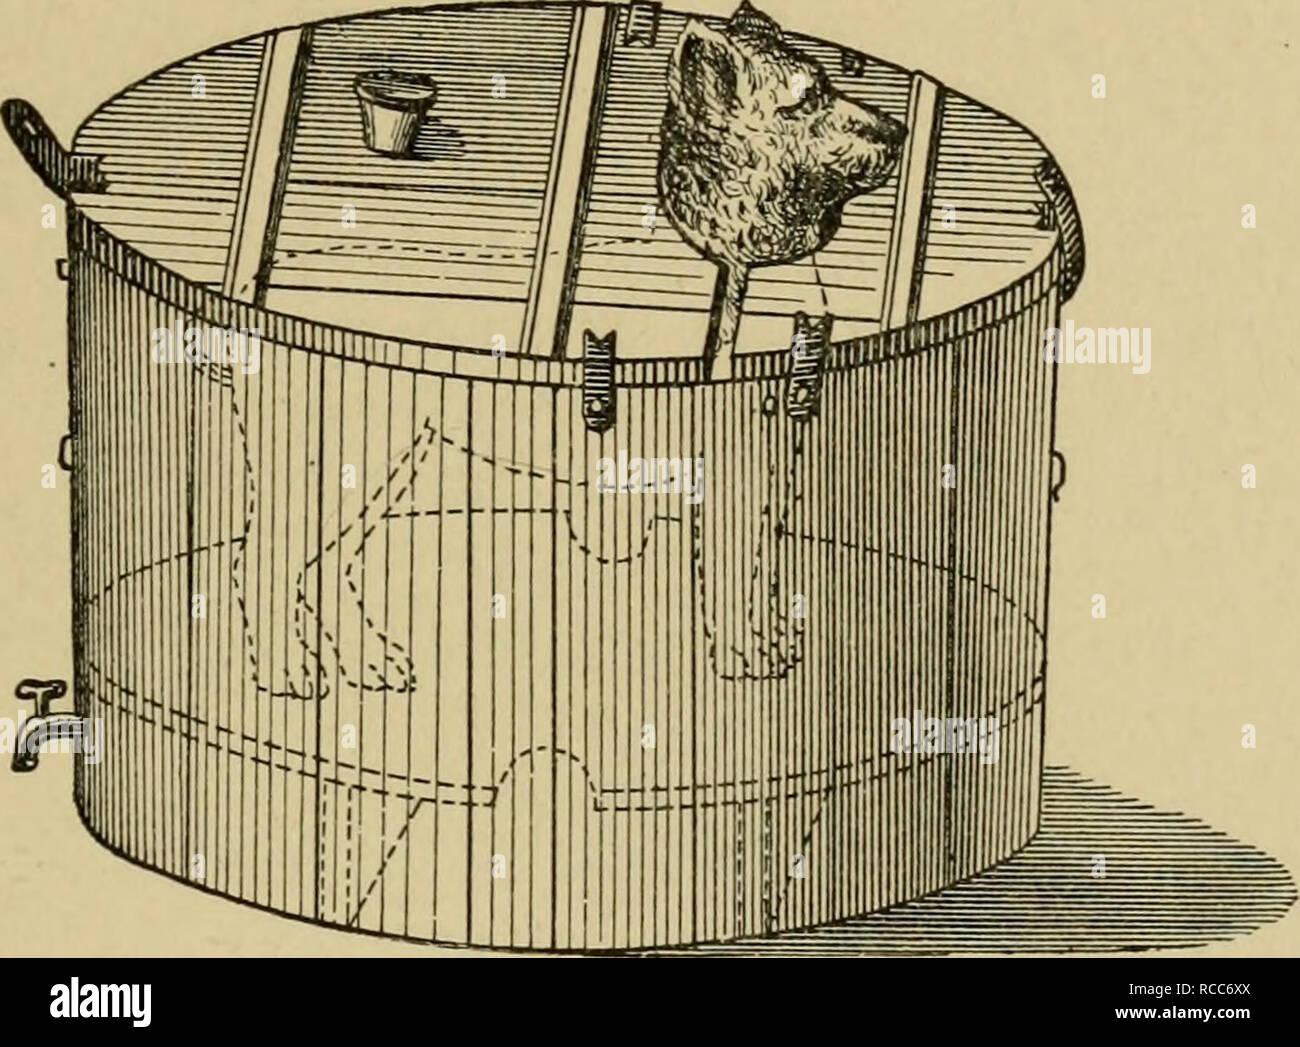 Riempire La Vasca Da Bagno In Inglese : Malattie del cane e del loro trattamento i cani le fratture